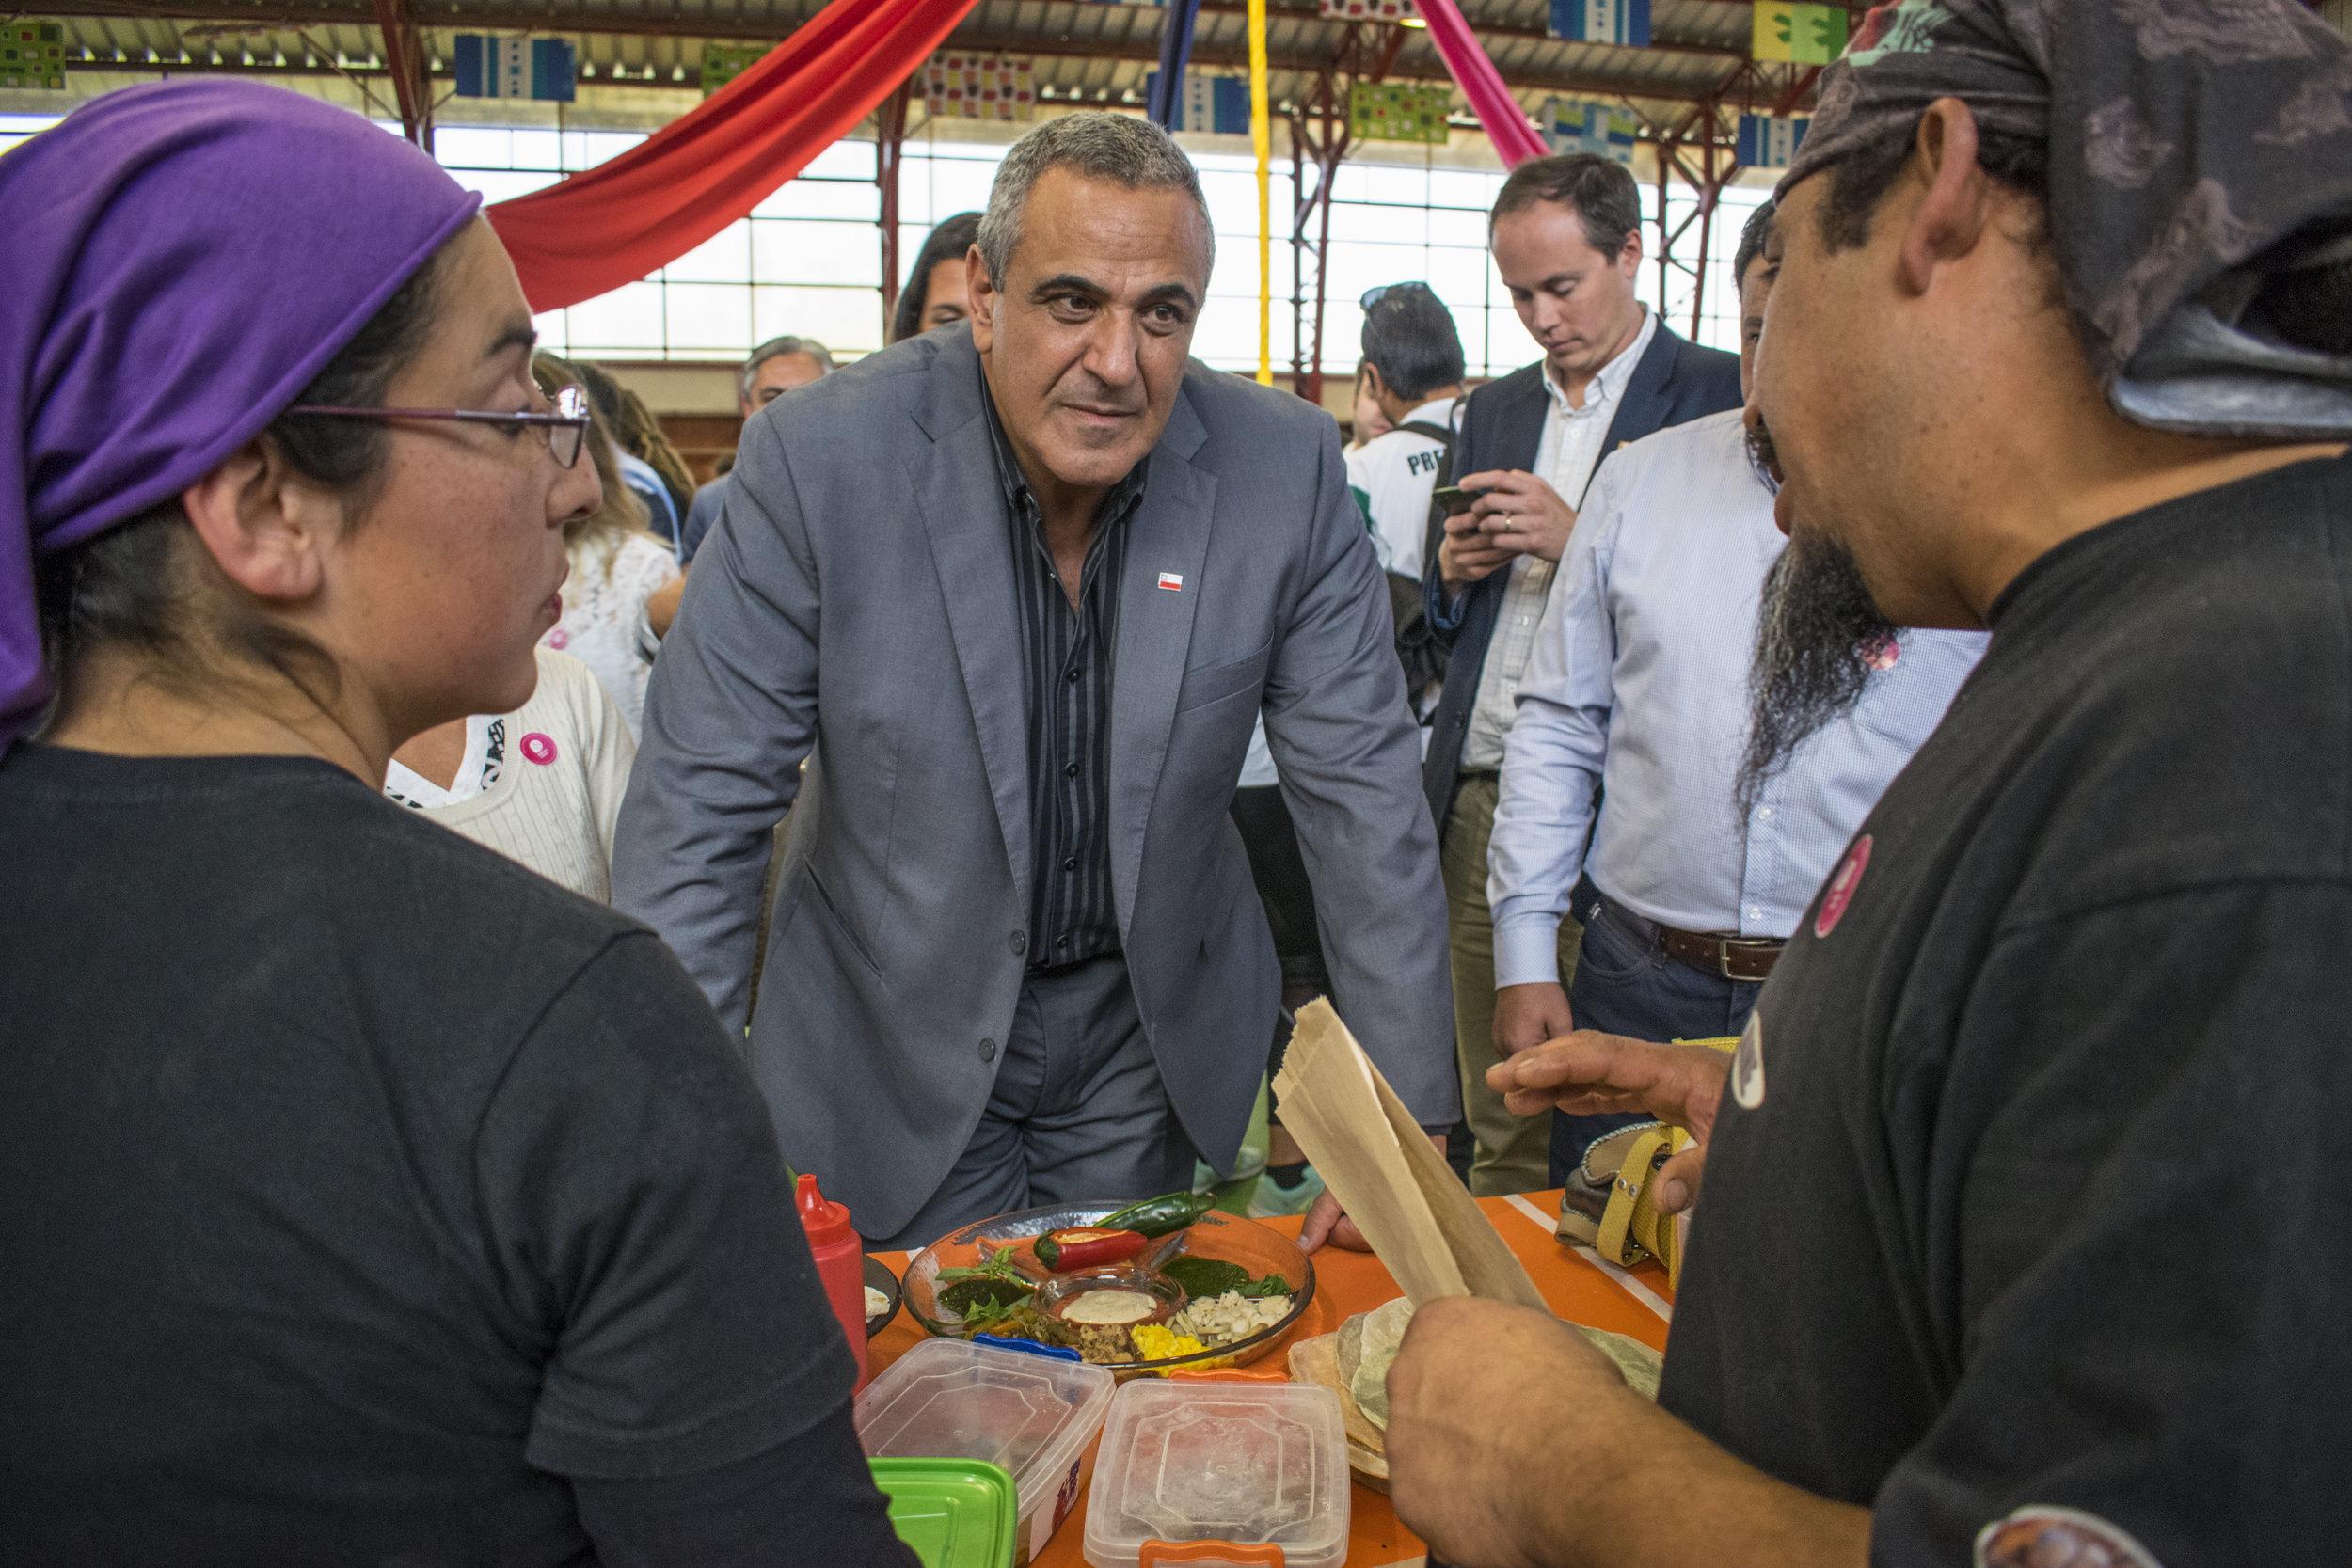 Intendente de la Región del Maule, Pablo Milad, conversando con los y las emprendedoras en la Feria.